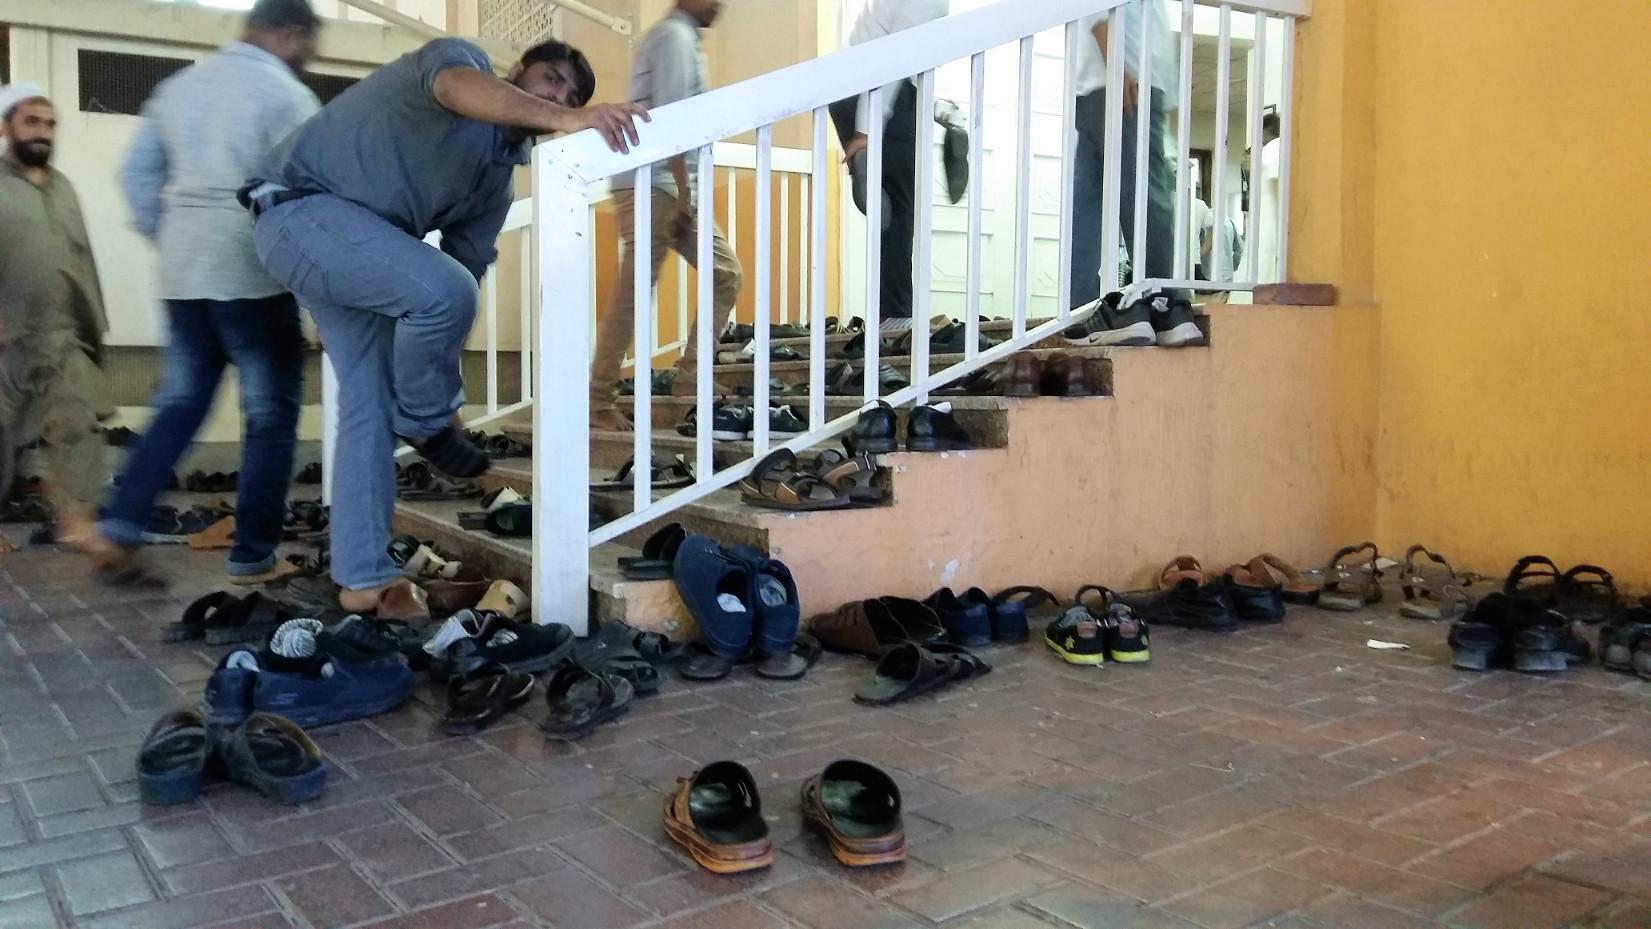 Imához sietve egy mecsetnél – a cipők kint maradnak